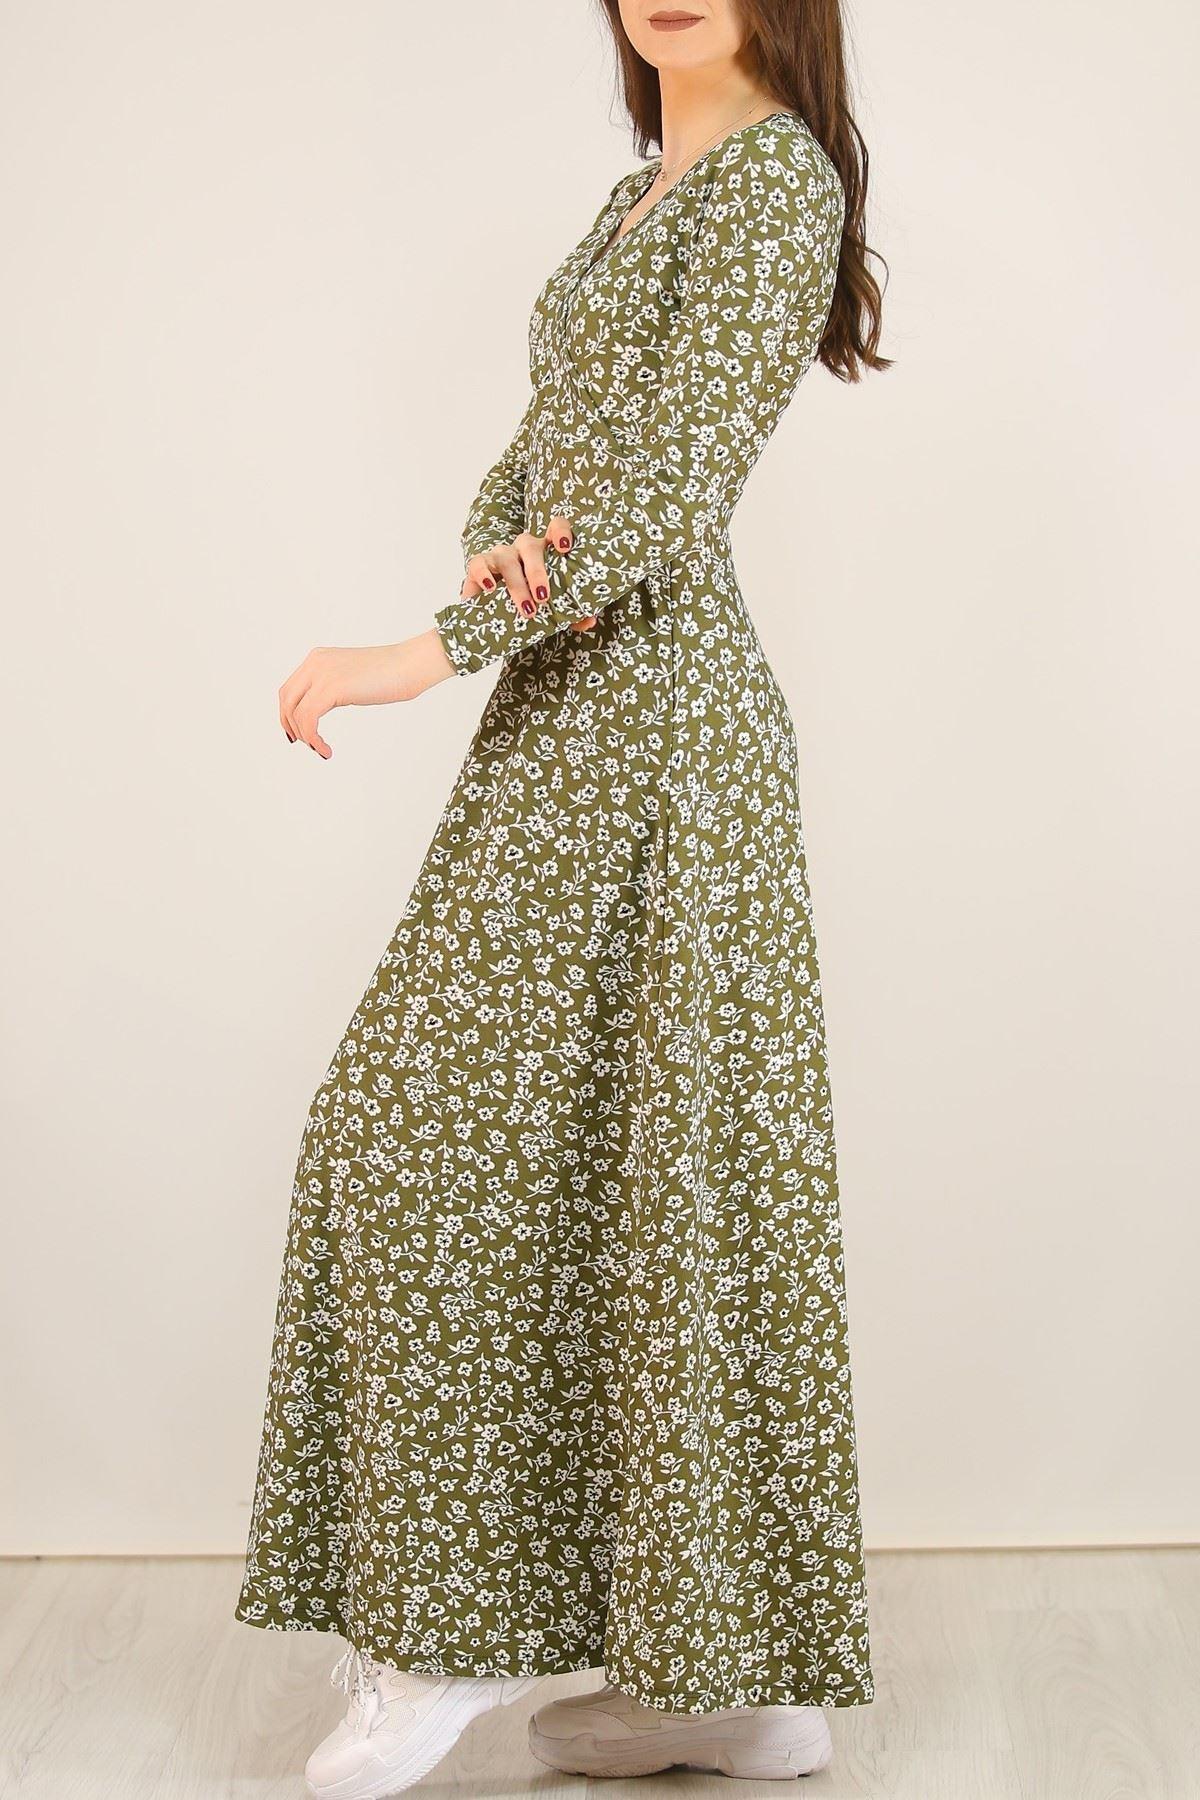 Çiçekli Elbise Haki - 5070.716.